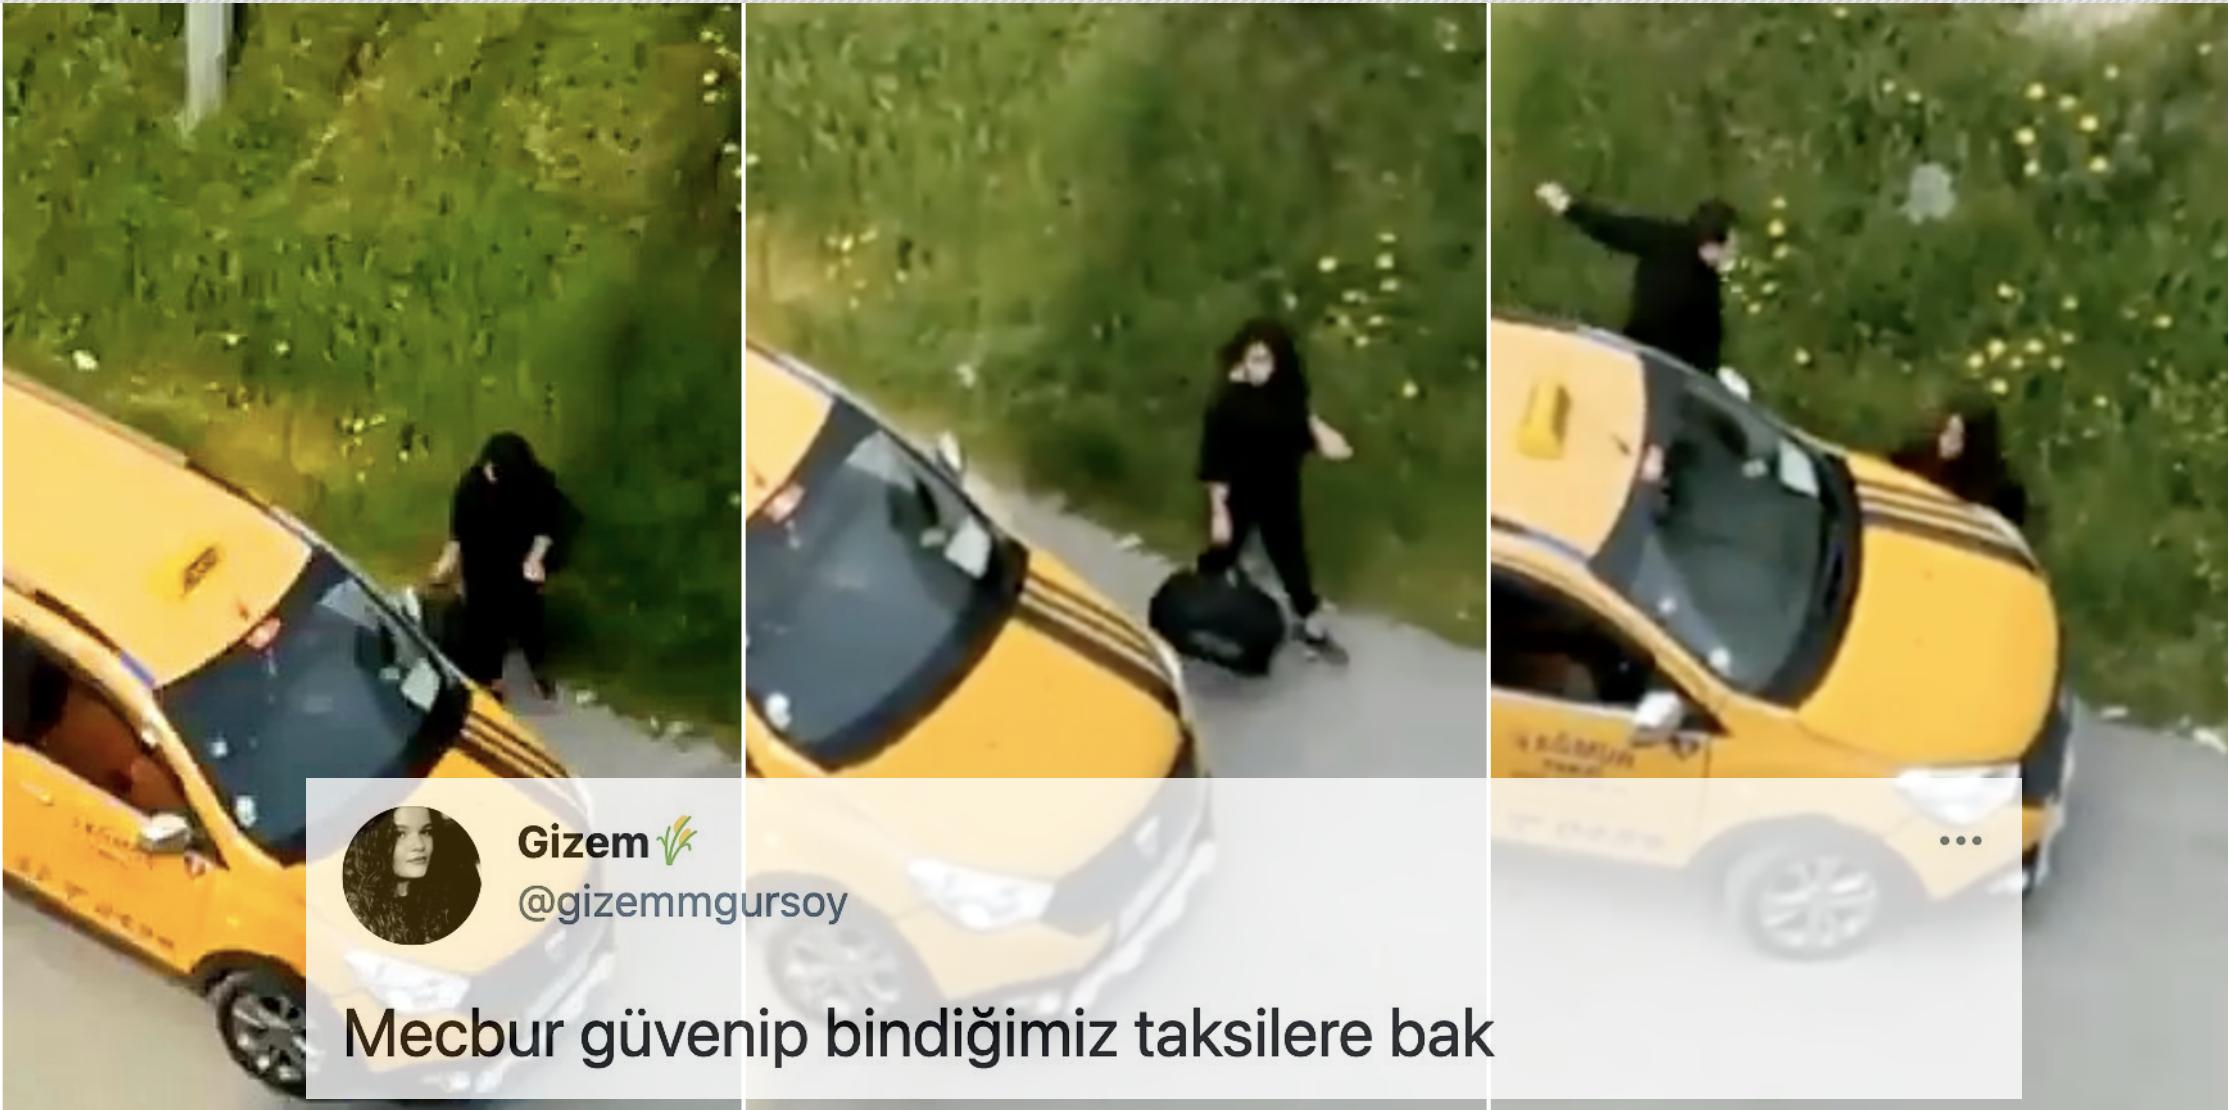 Mersin'de Bir Taksicinin Ulu Orta Bir Kadını Taciz Ettiği Görüntüler Kan Dondurdu